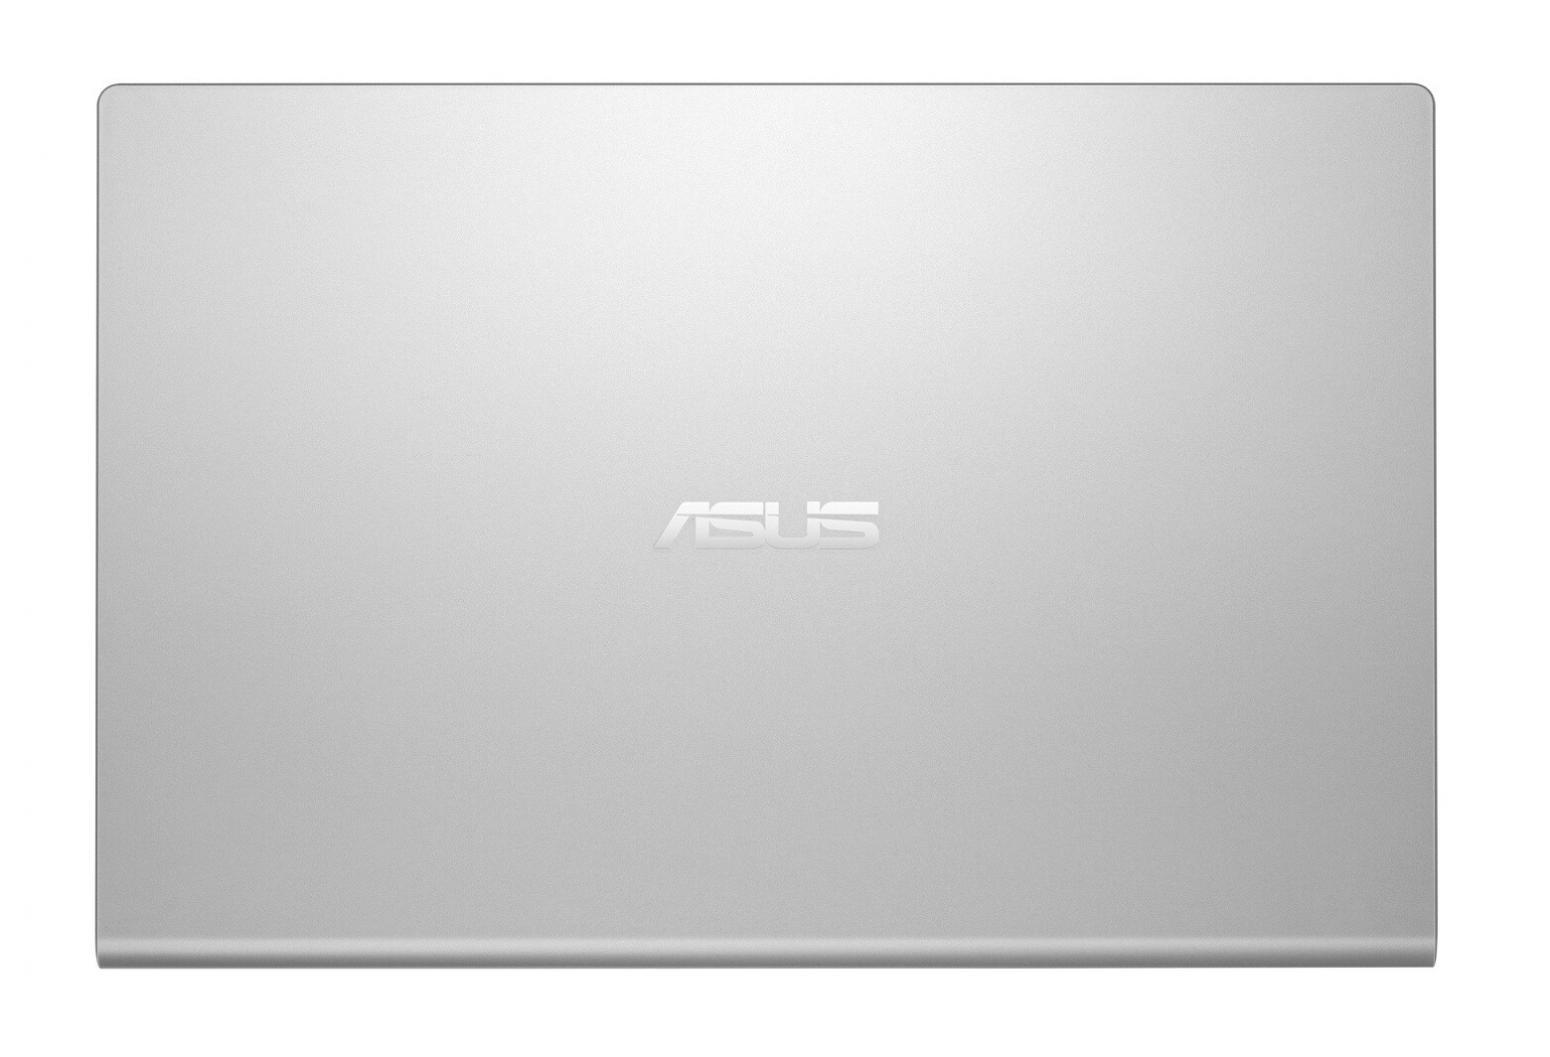 Ordinateur portable Asus R415JA-BV356T Argent - photo 6